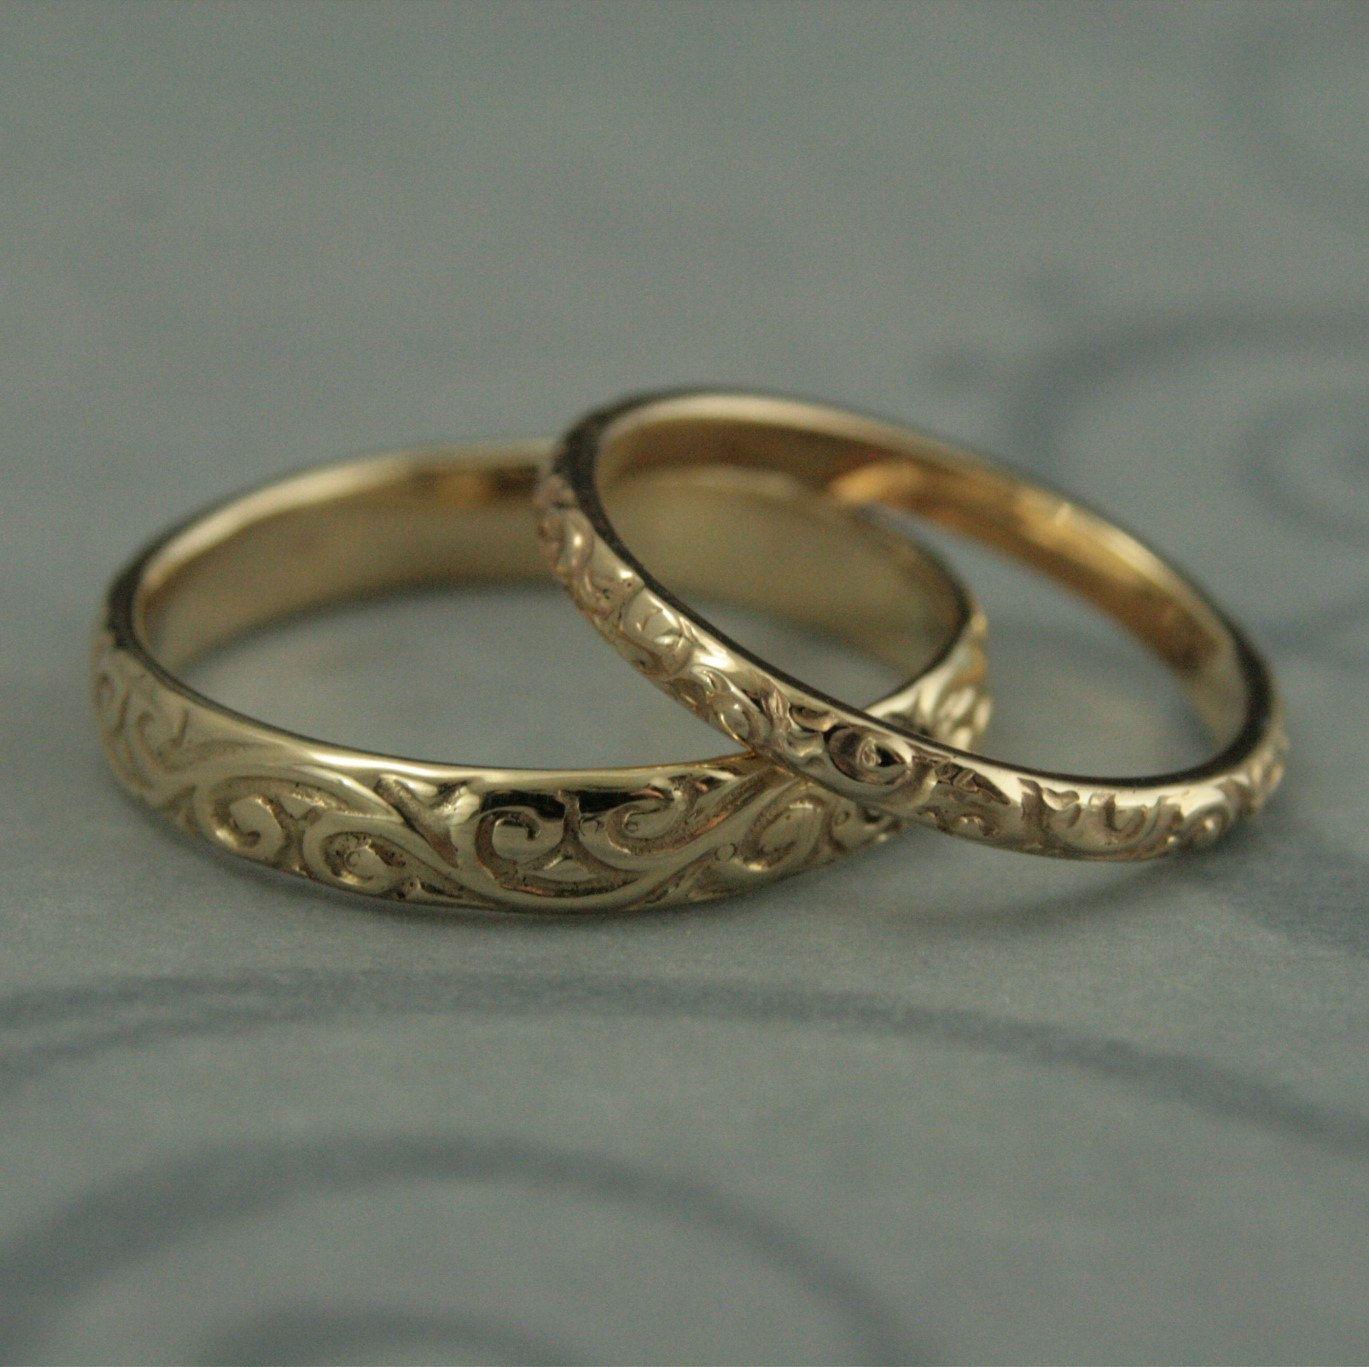 Ring Patterned Wedding Band Set Vintage